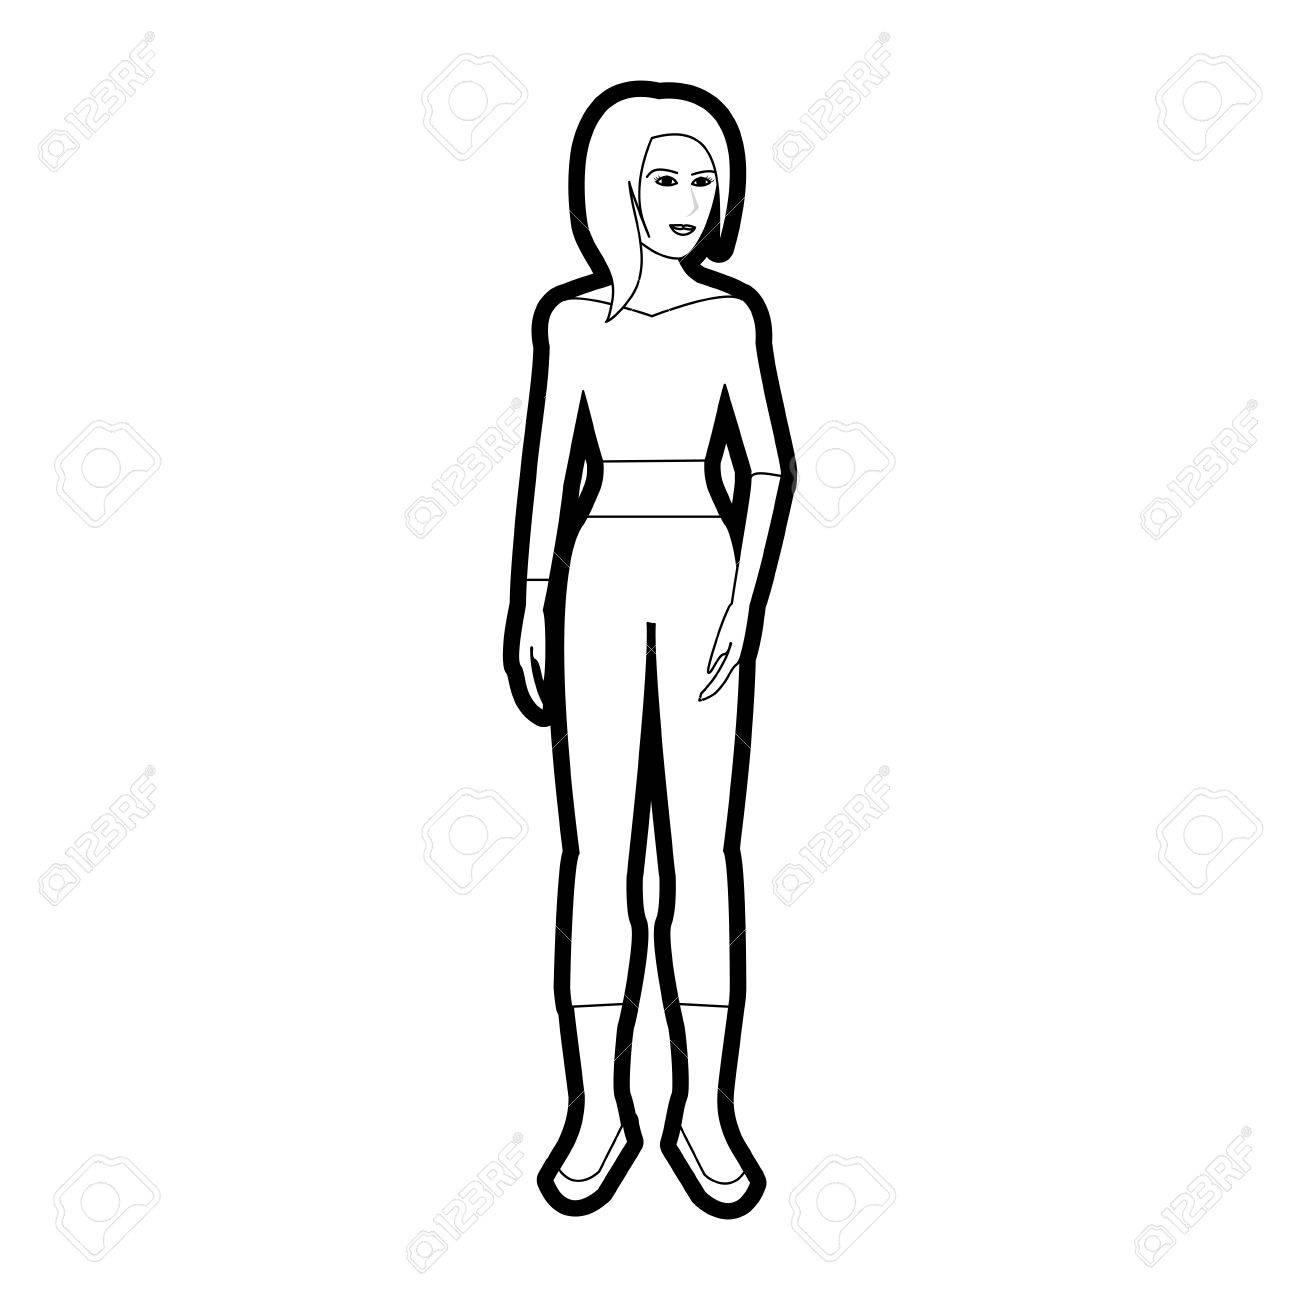 Negro Silueta De Dibujos Animados Mujer De Cuerpo Entero Con ...